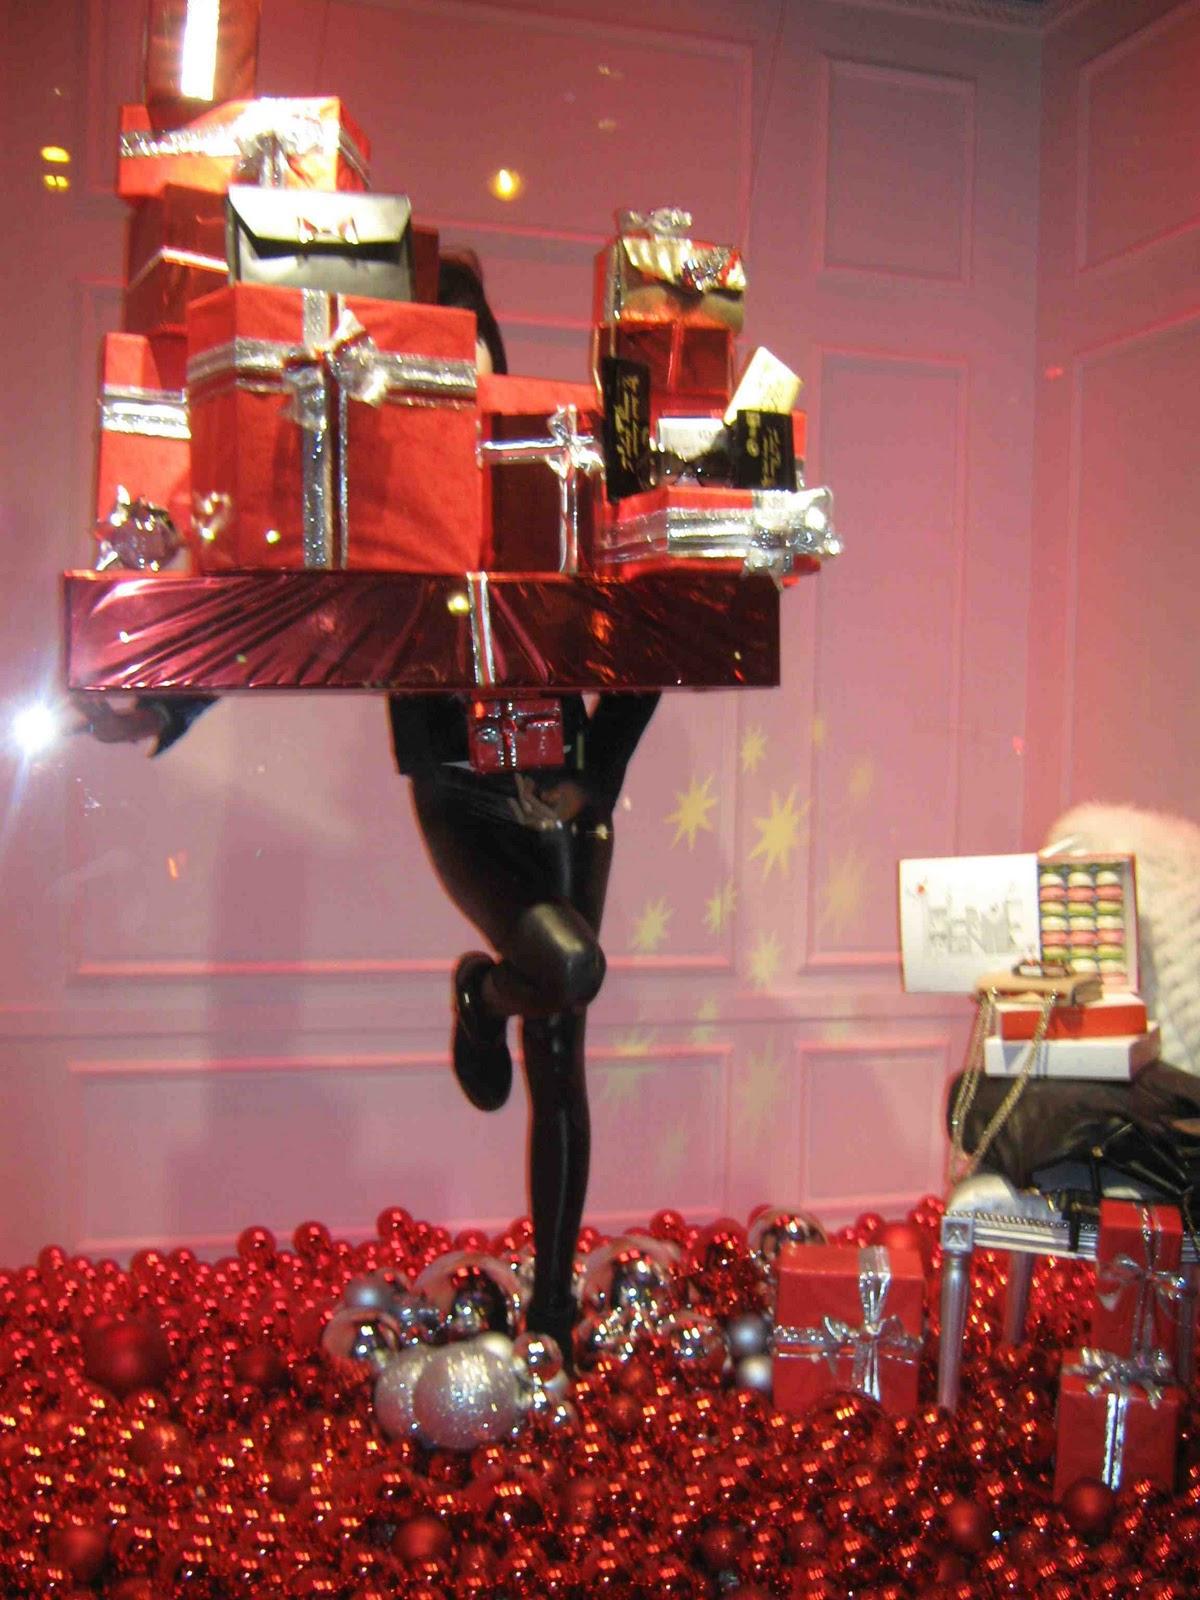 Top du meilleur les vitrines des grands magasins galeries lafayette et printemps pour noel a paris - Vitrine noel galerie lafayette ...